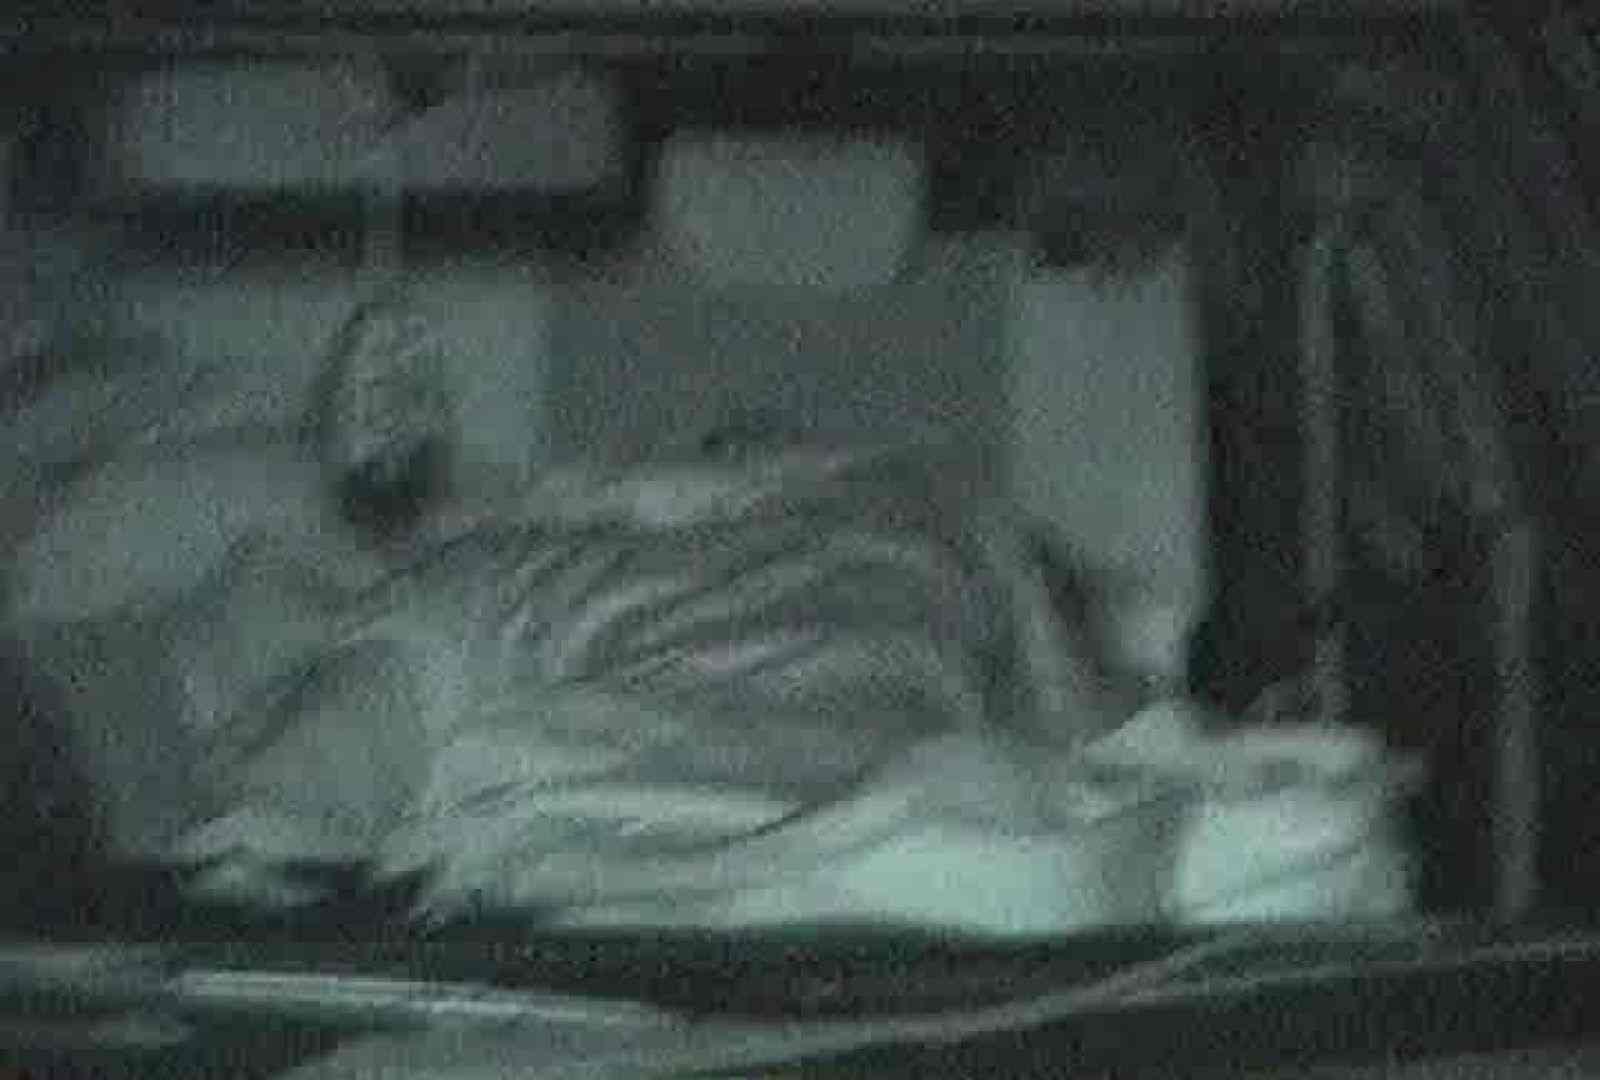 充血監督の深夜の運動会Vol.54 エッチなセックス  98画像 48